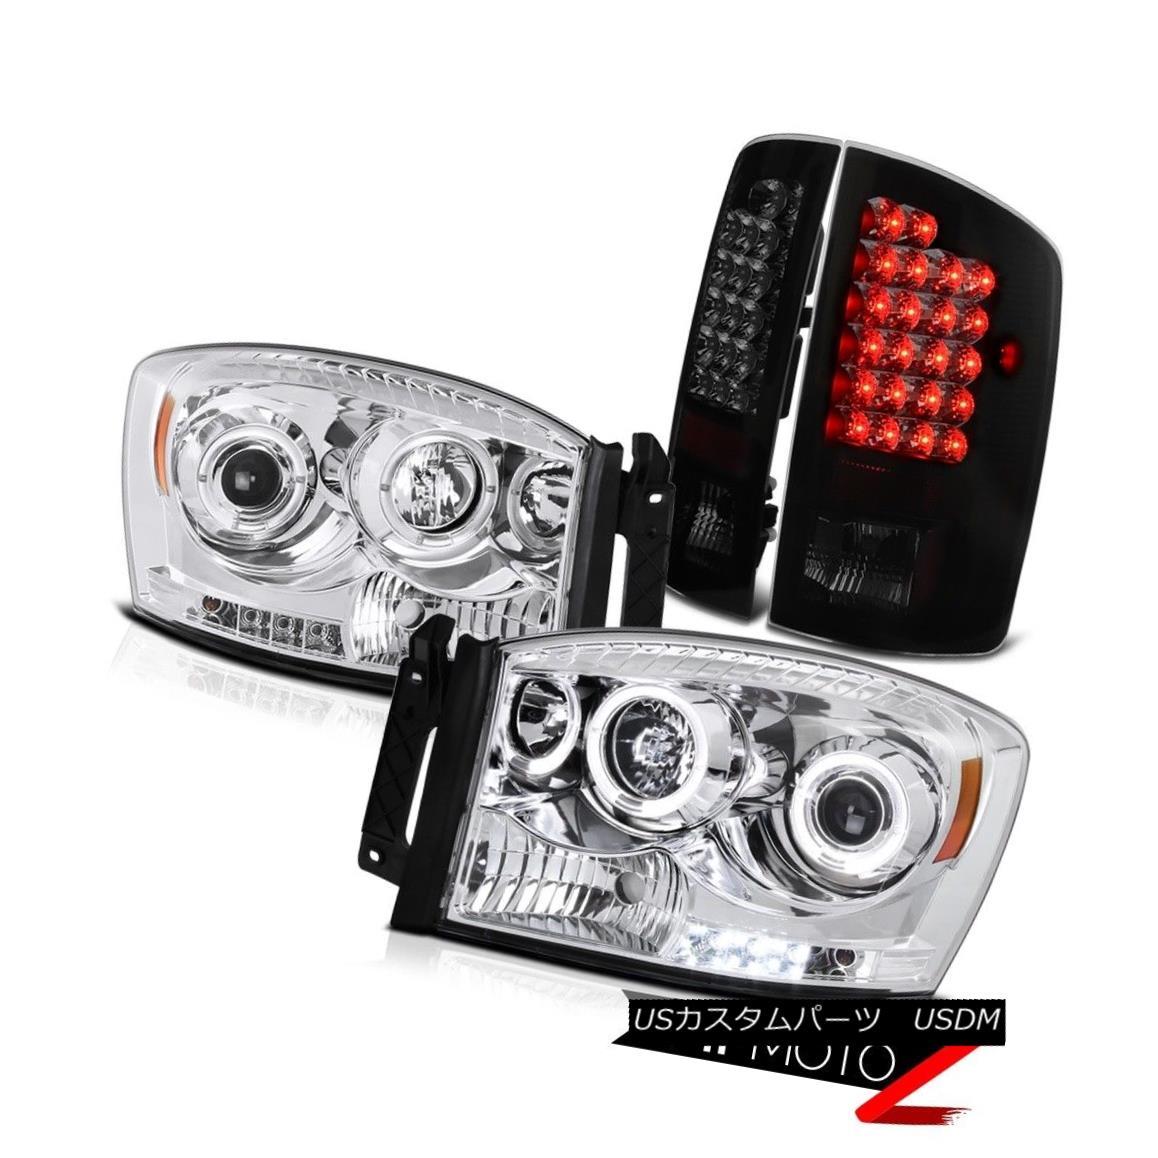 ヘッドライト 2007 2008 Dodge Ram Magnum Hemi Halo Rim Headlight LED Smoke Tail Lights 2007年ダッジラムマグナムヘミハローリムヘッドライトLED煙テールライト